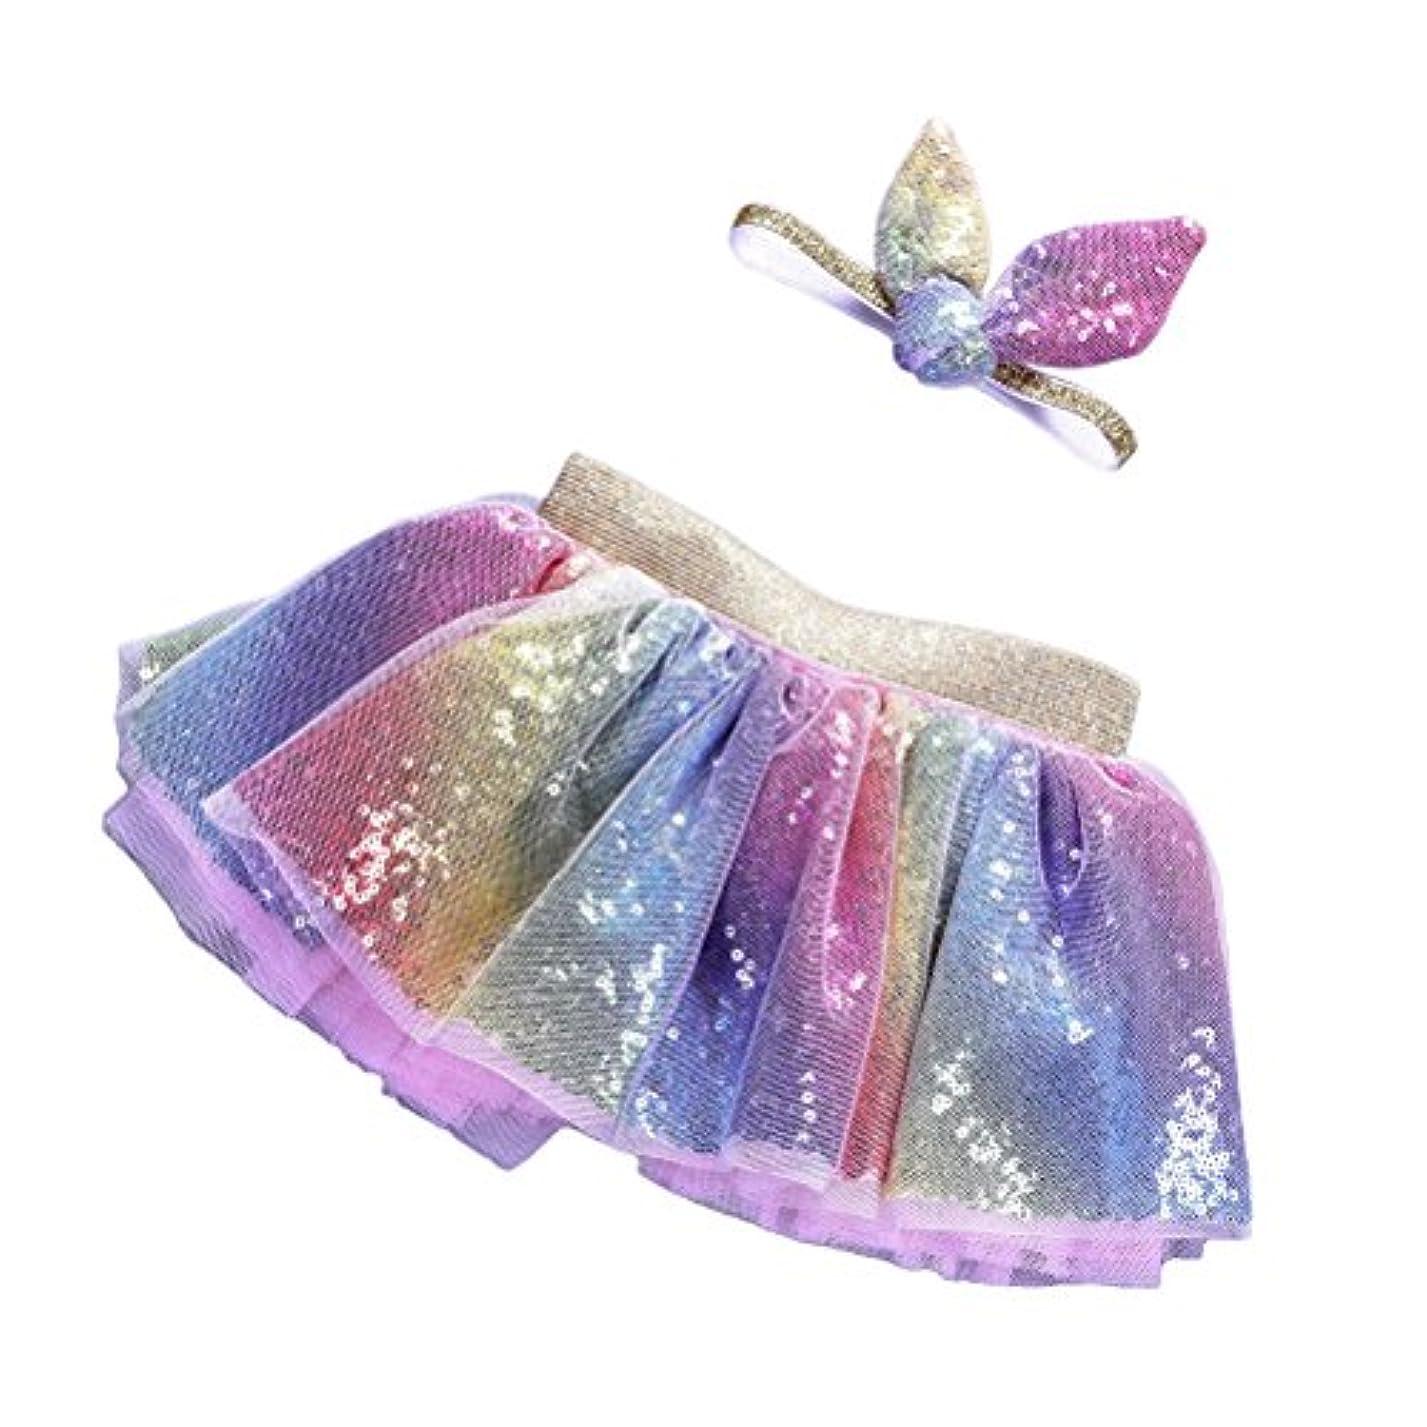 リクルートきらきらパラナ川LUOEM 2PCSレインボーツツースカート(ヘッドバンド付き)プリンセスガールツツーの服装ベビーガールズ誕生日の服セットサイズM(2?5歳)